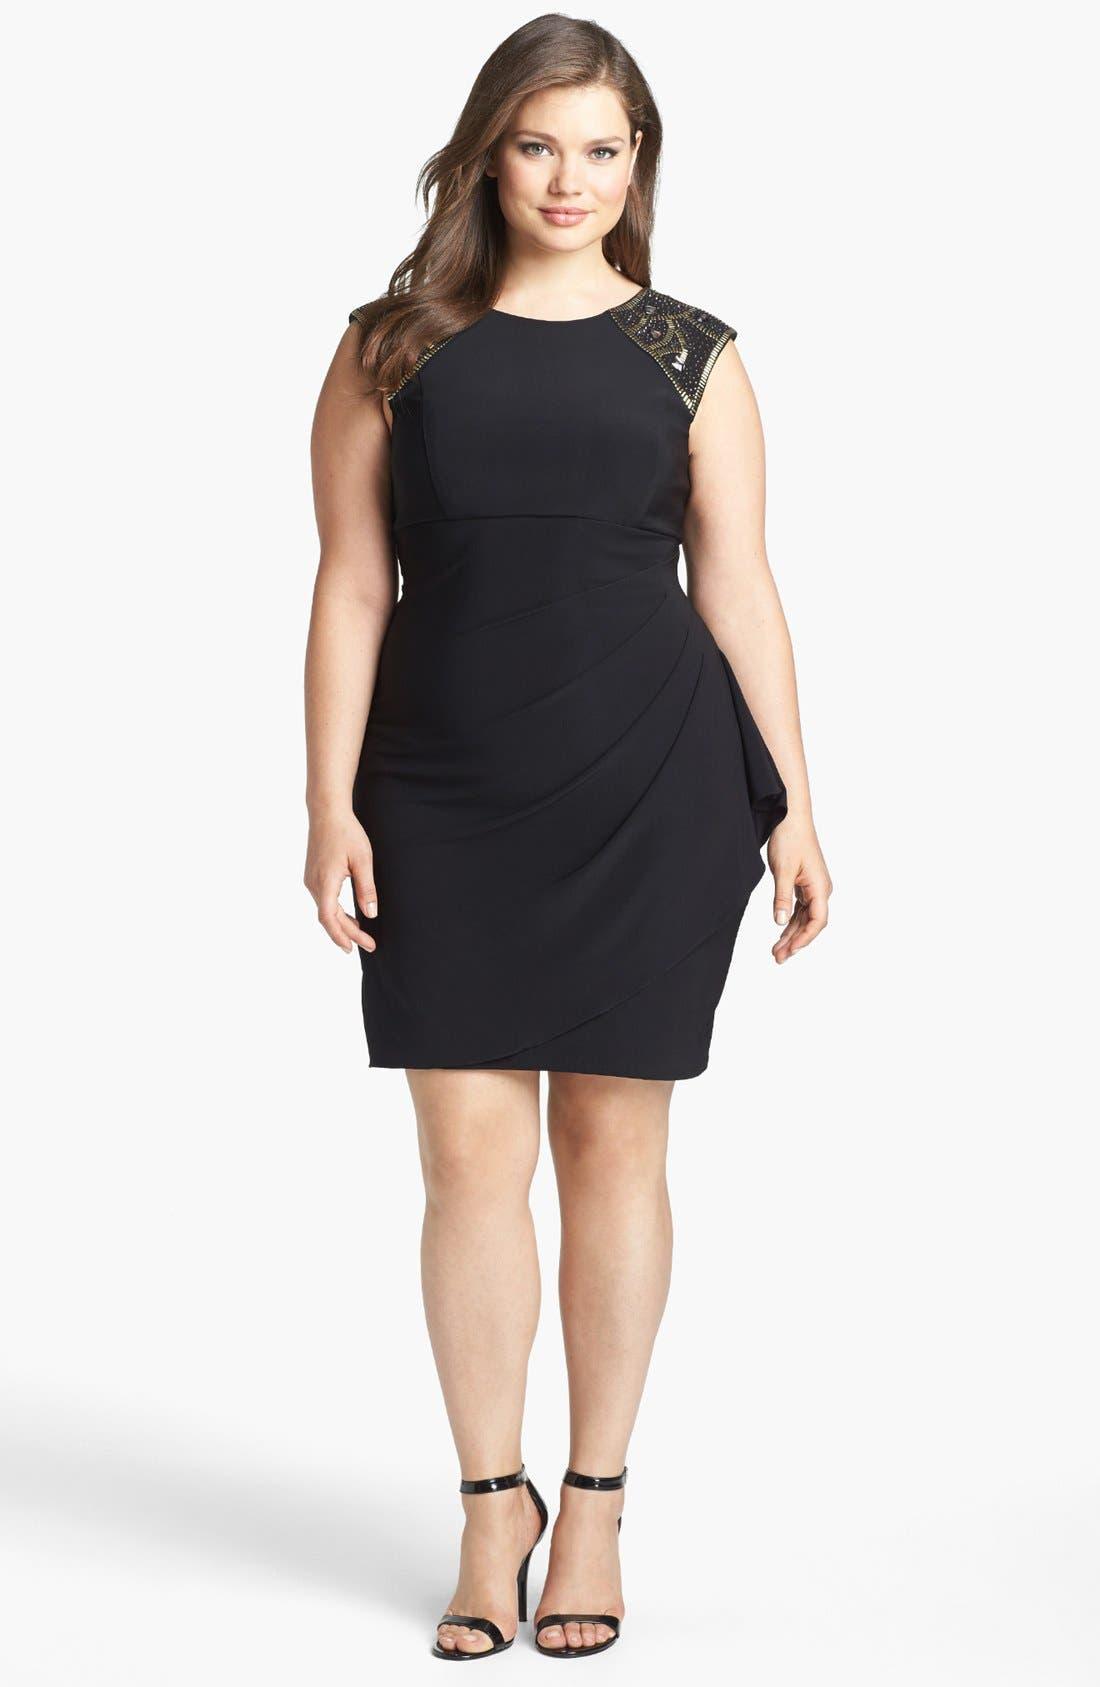 Alternate Image 1 Selected - Xscape Embellished Side Drape Sheath Dress (Plus Size)